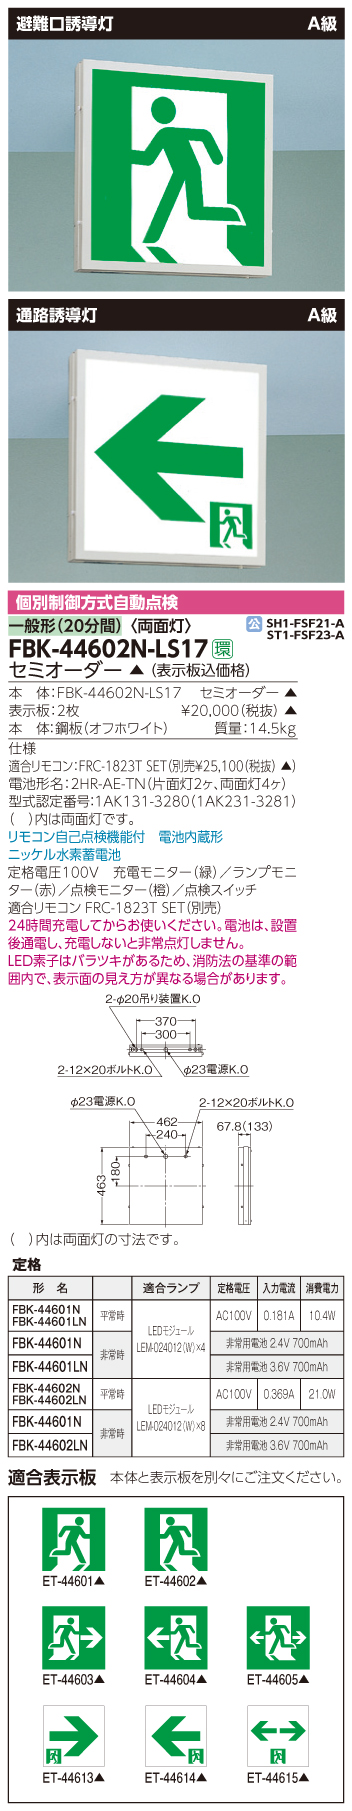 【法人様限定】東芝 FBK-44602N-LS17 LED誘導灯 両面灯 天井・壁直付 A級 一般形(20分)